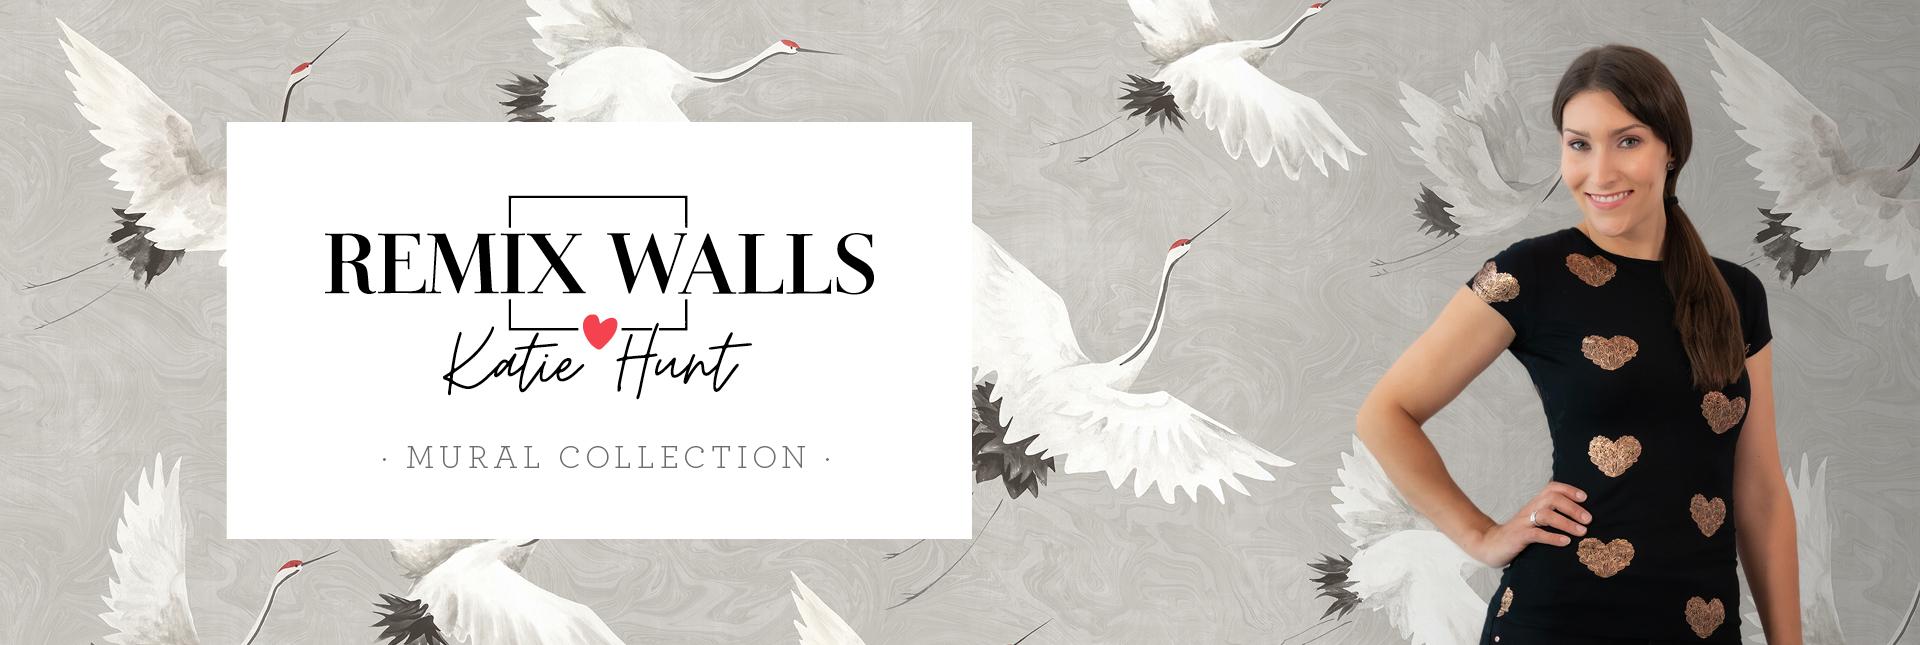 Remix Walls